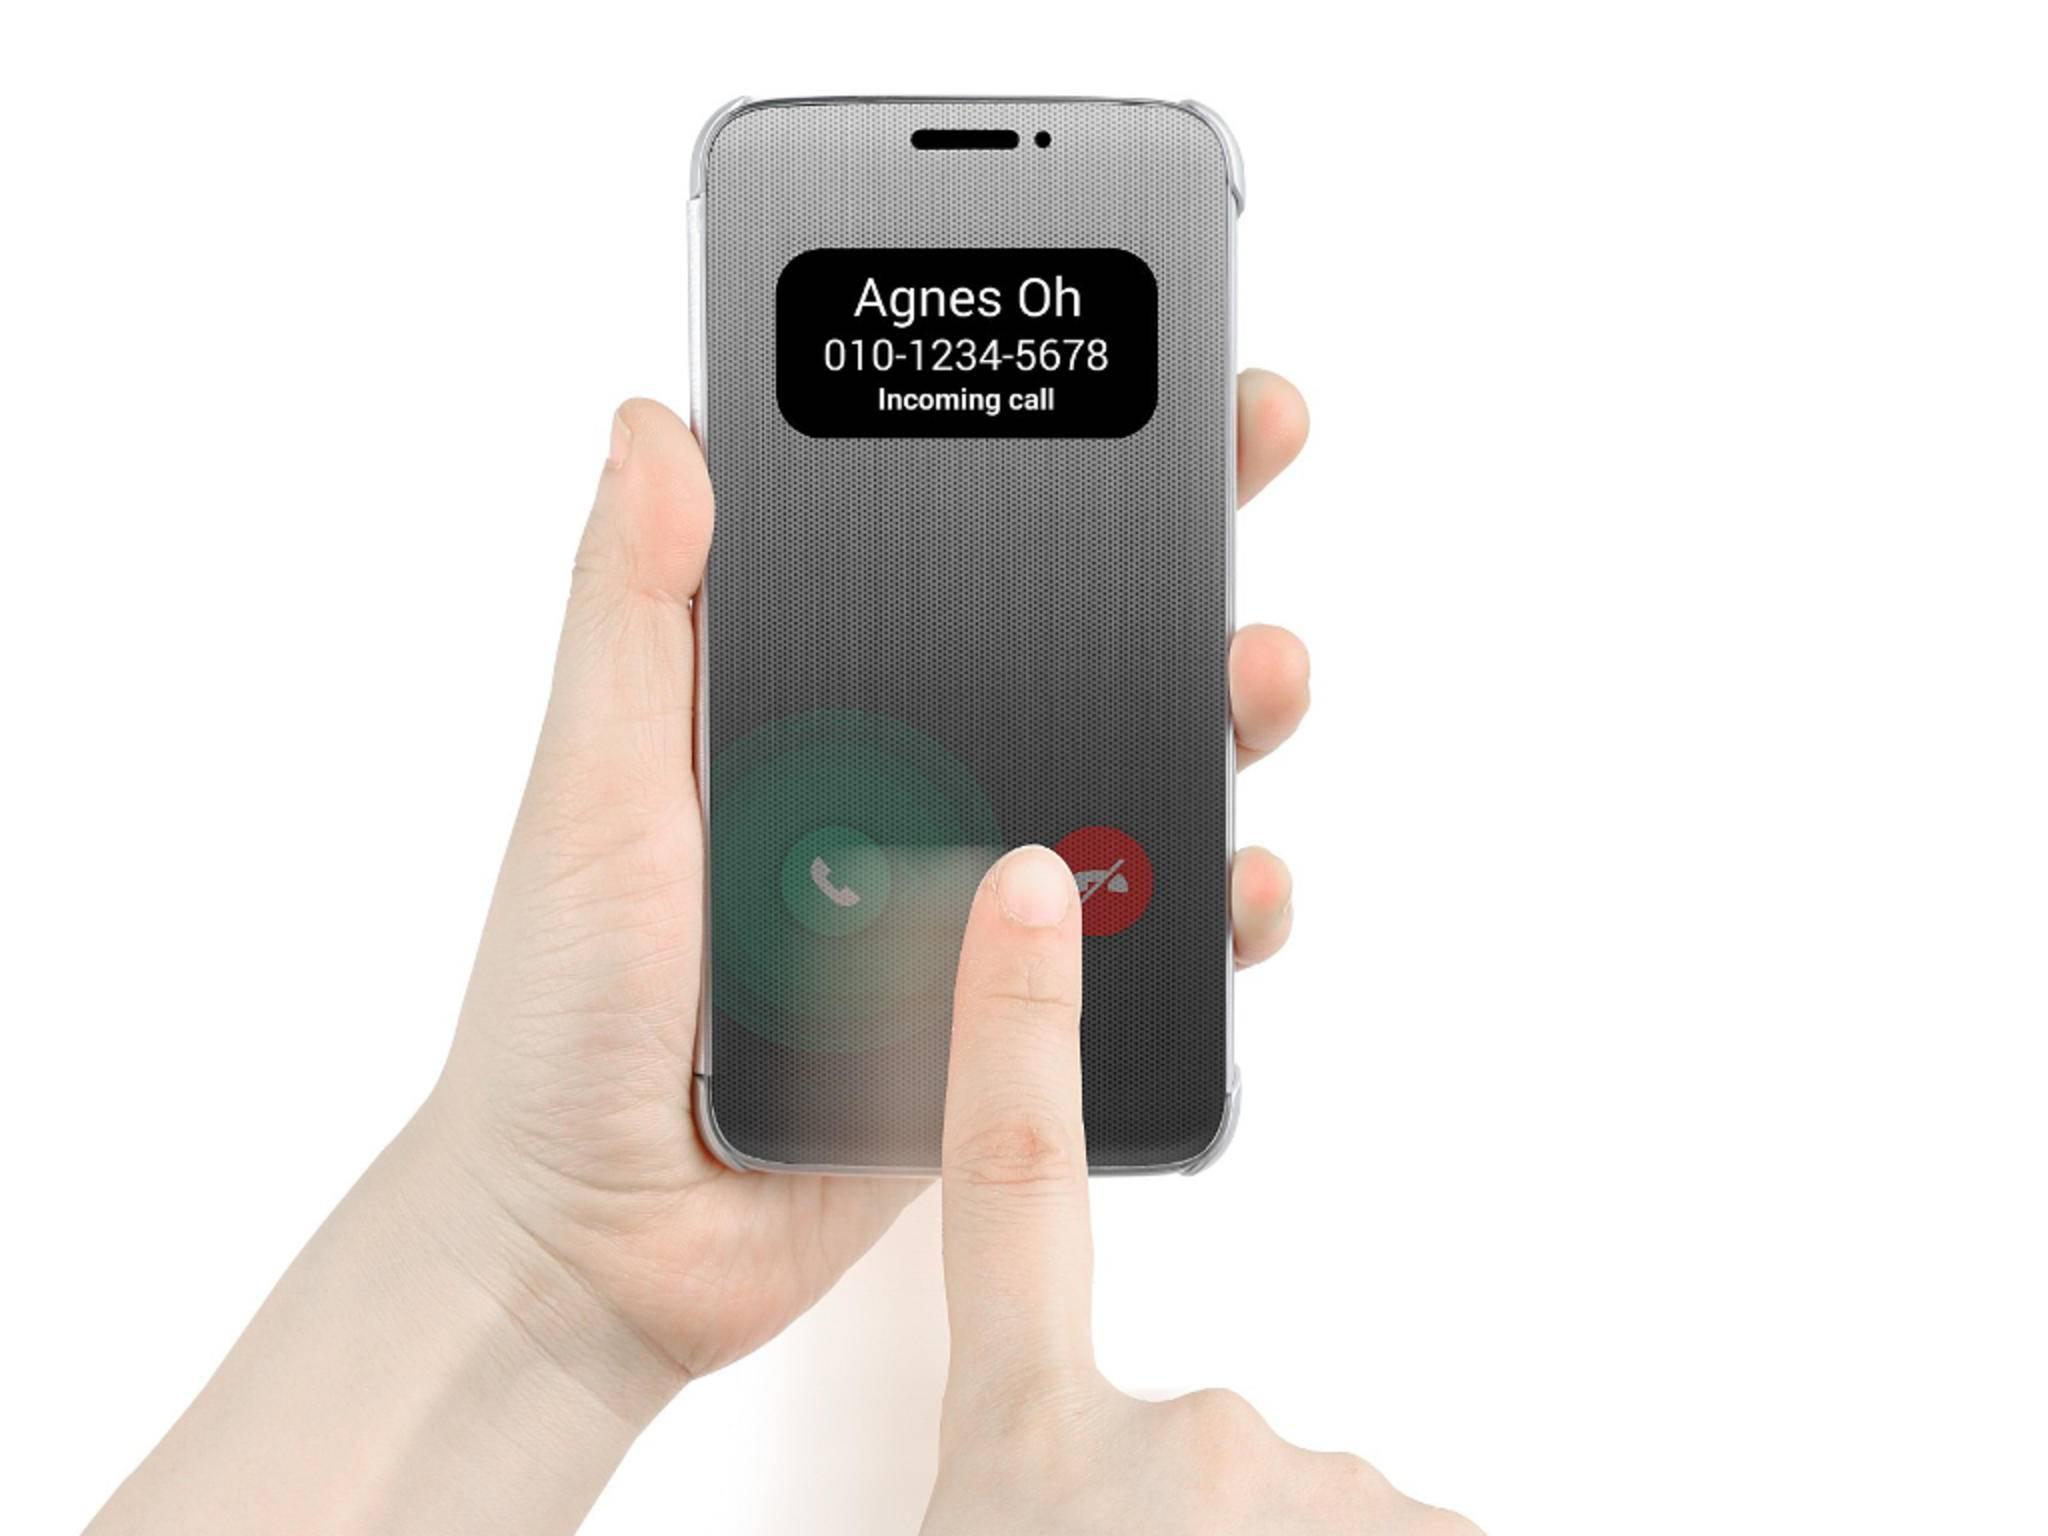 Das Quick Cover für das LG G5 wurde noch vor dem eigentlichen Gerät vorgestellt.